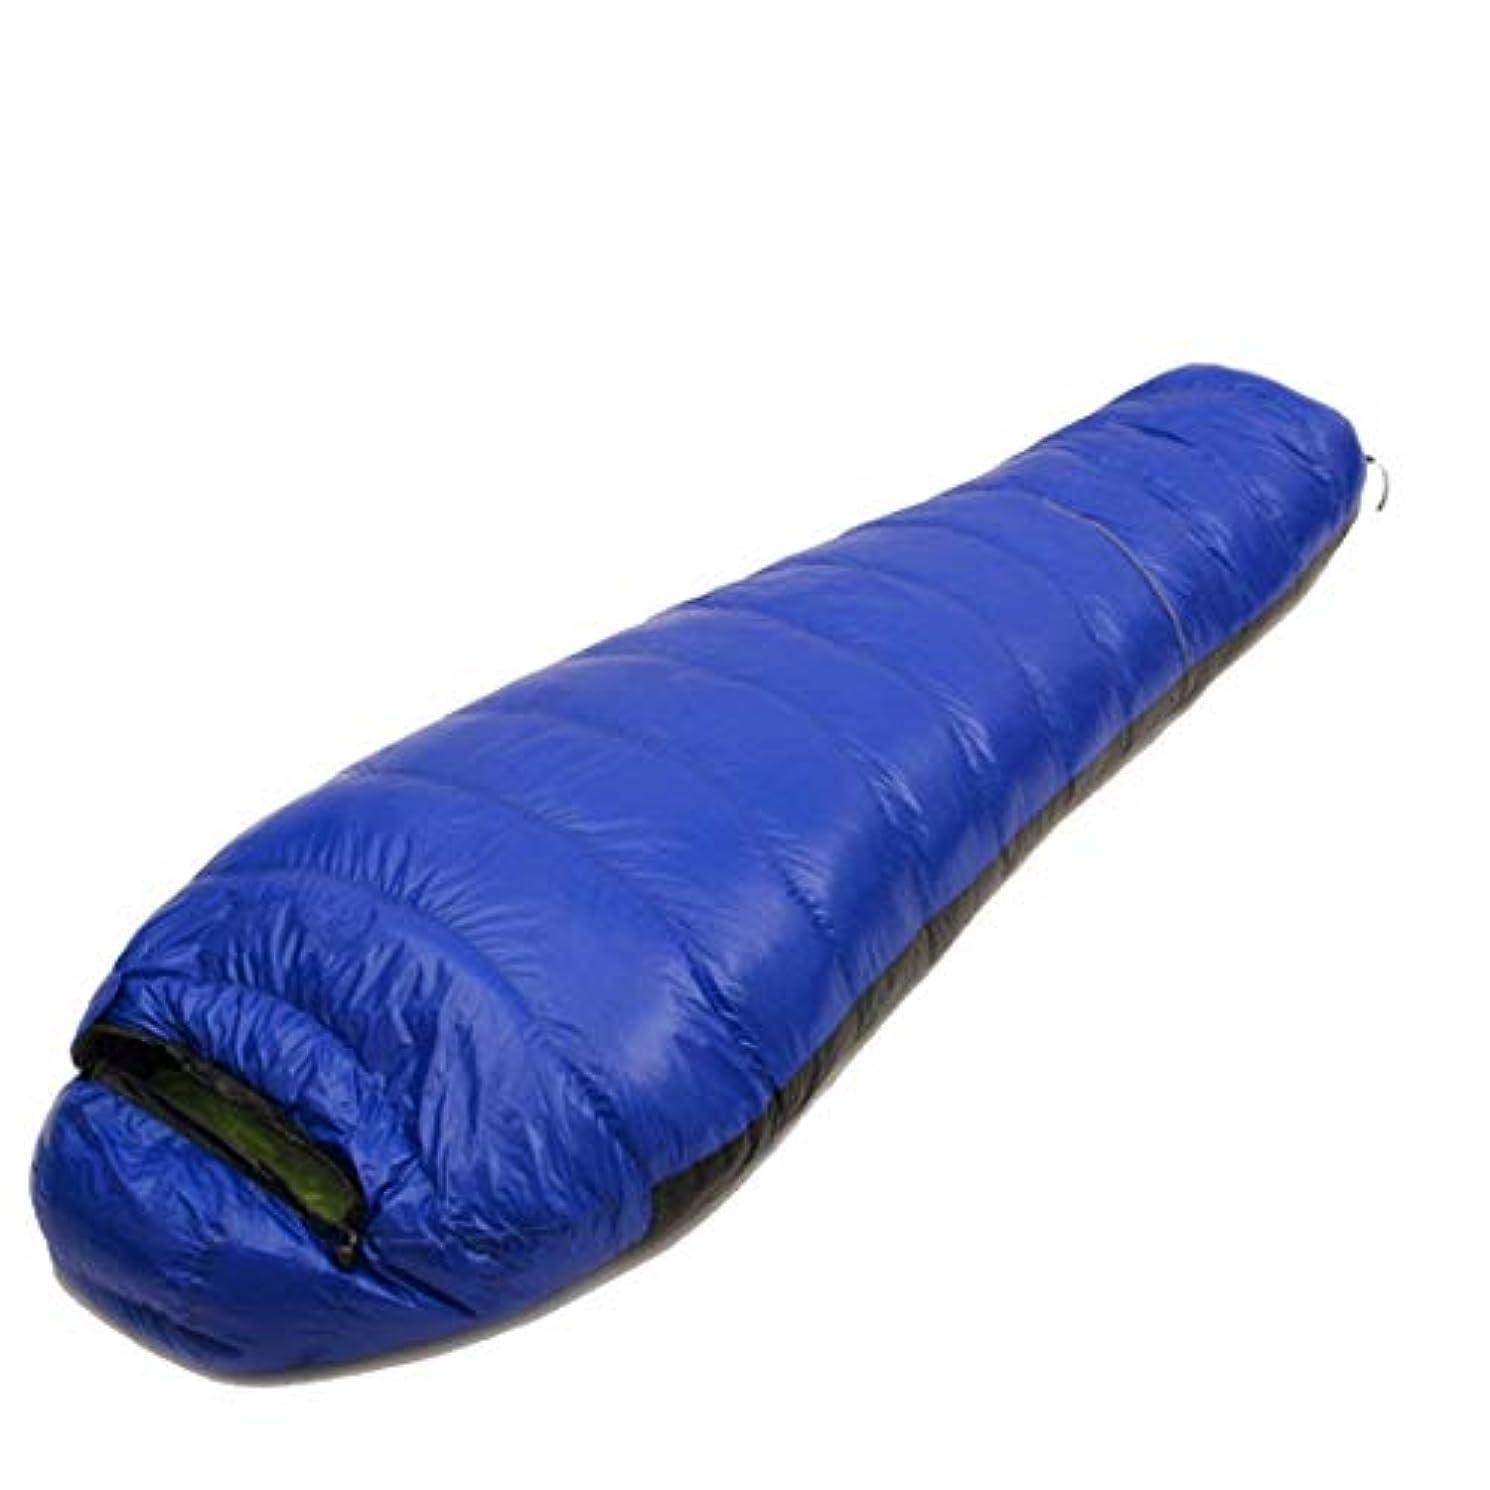 エントリかなりのルーWazenku 圧縮袋 キャンプ 超軽量 寝袋 (色 : 青, サイズ : 1500g)